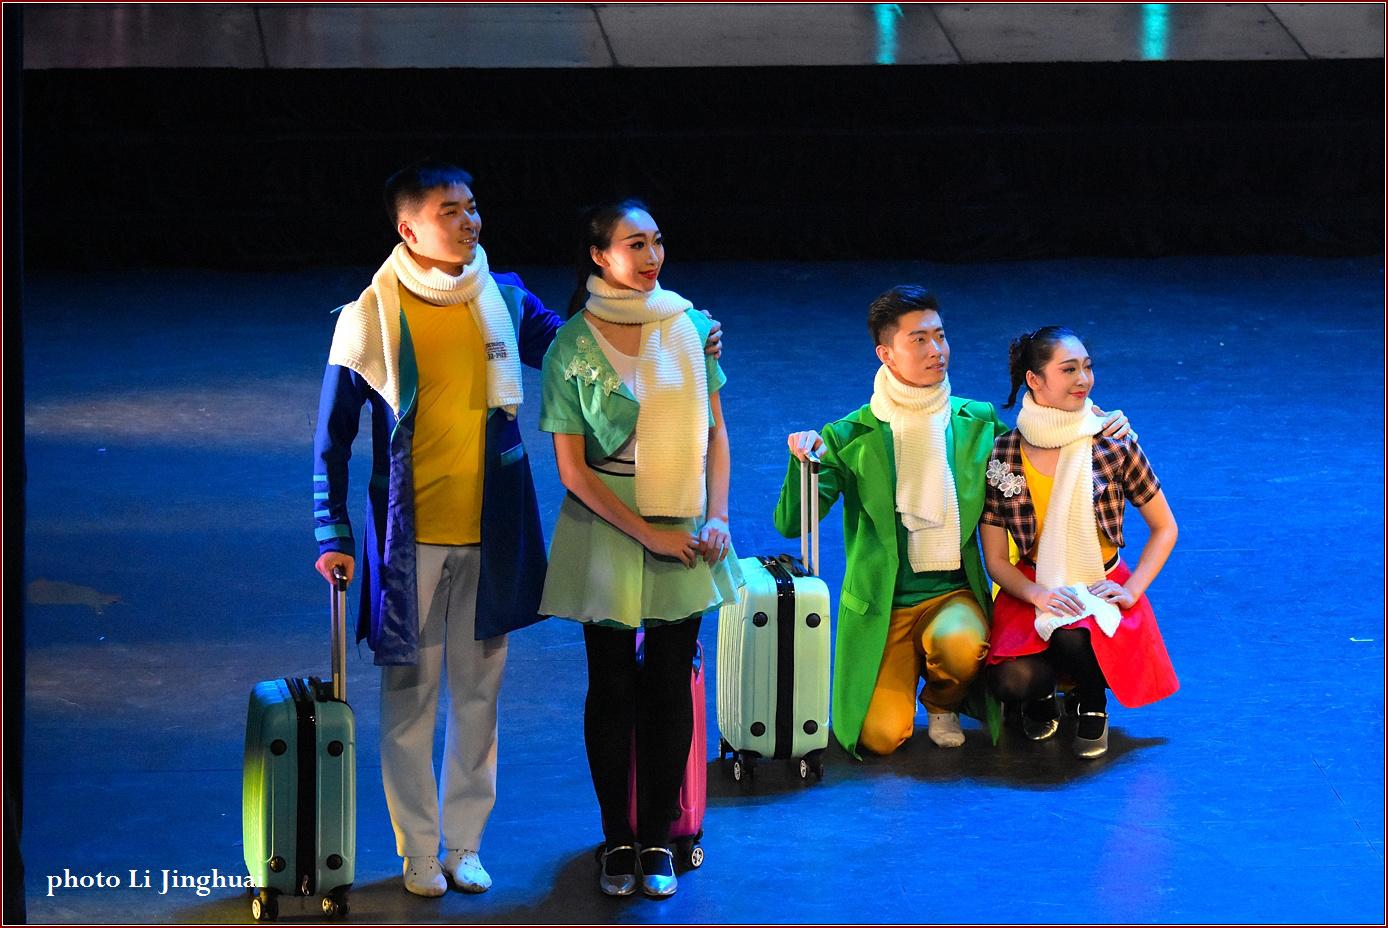 2017北美高校大型春节晚会_图1-4